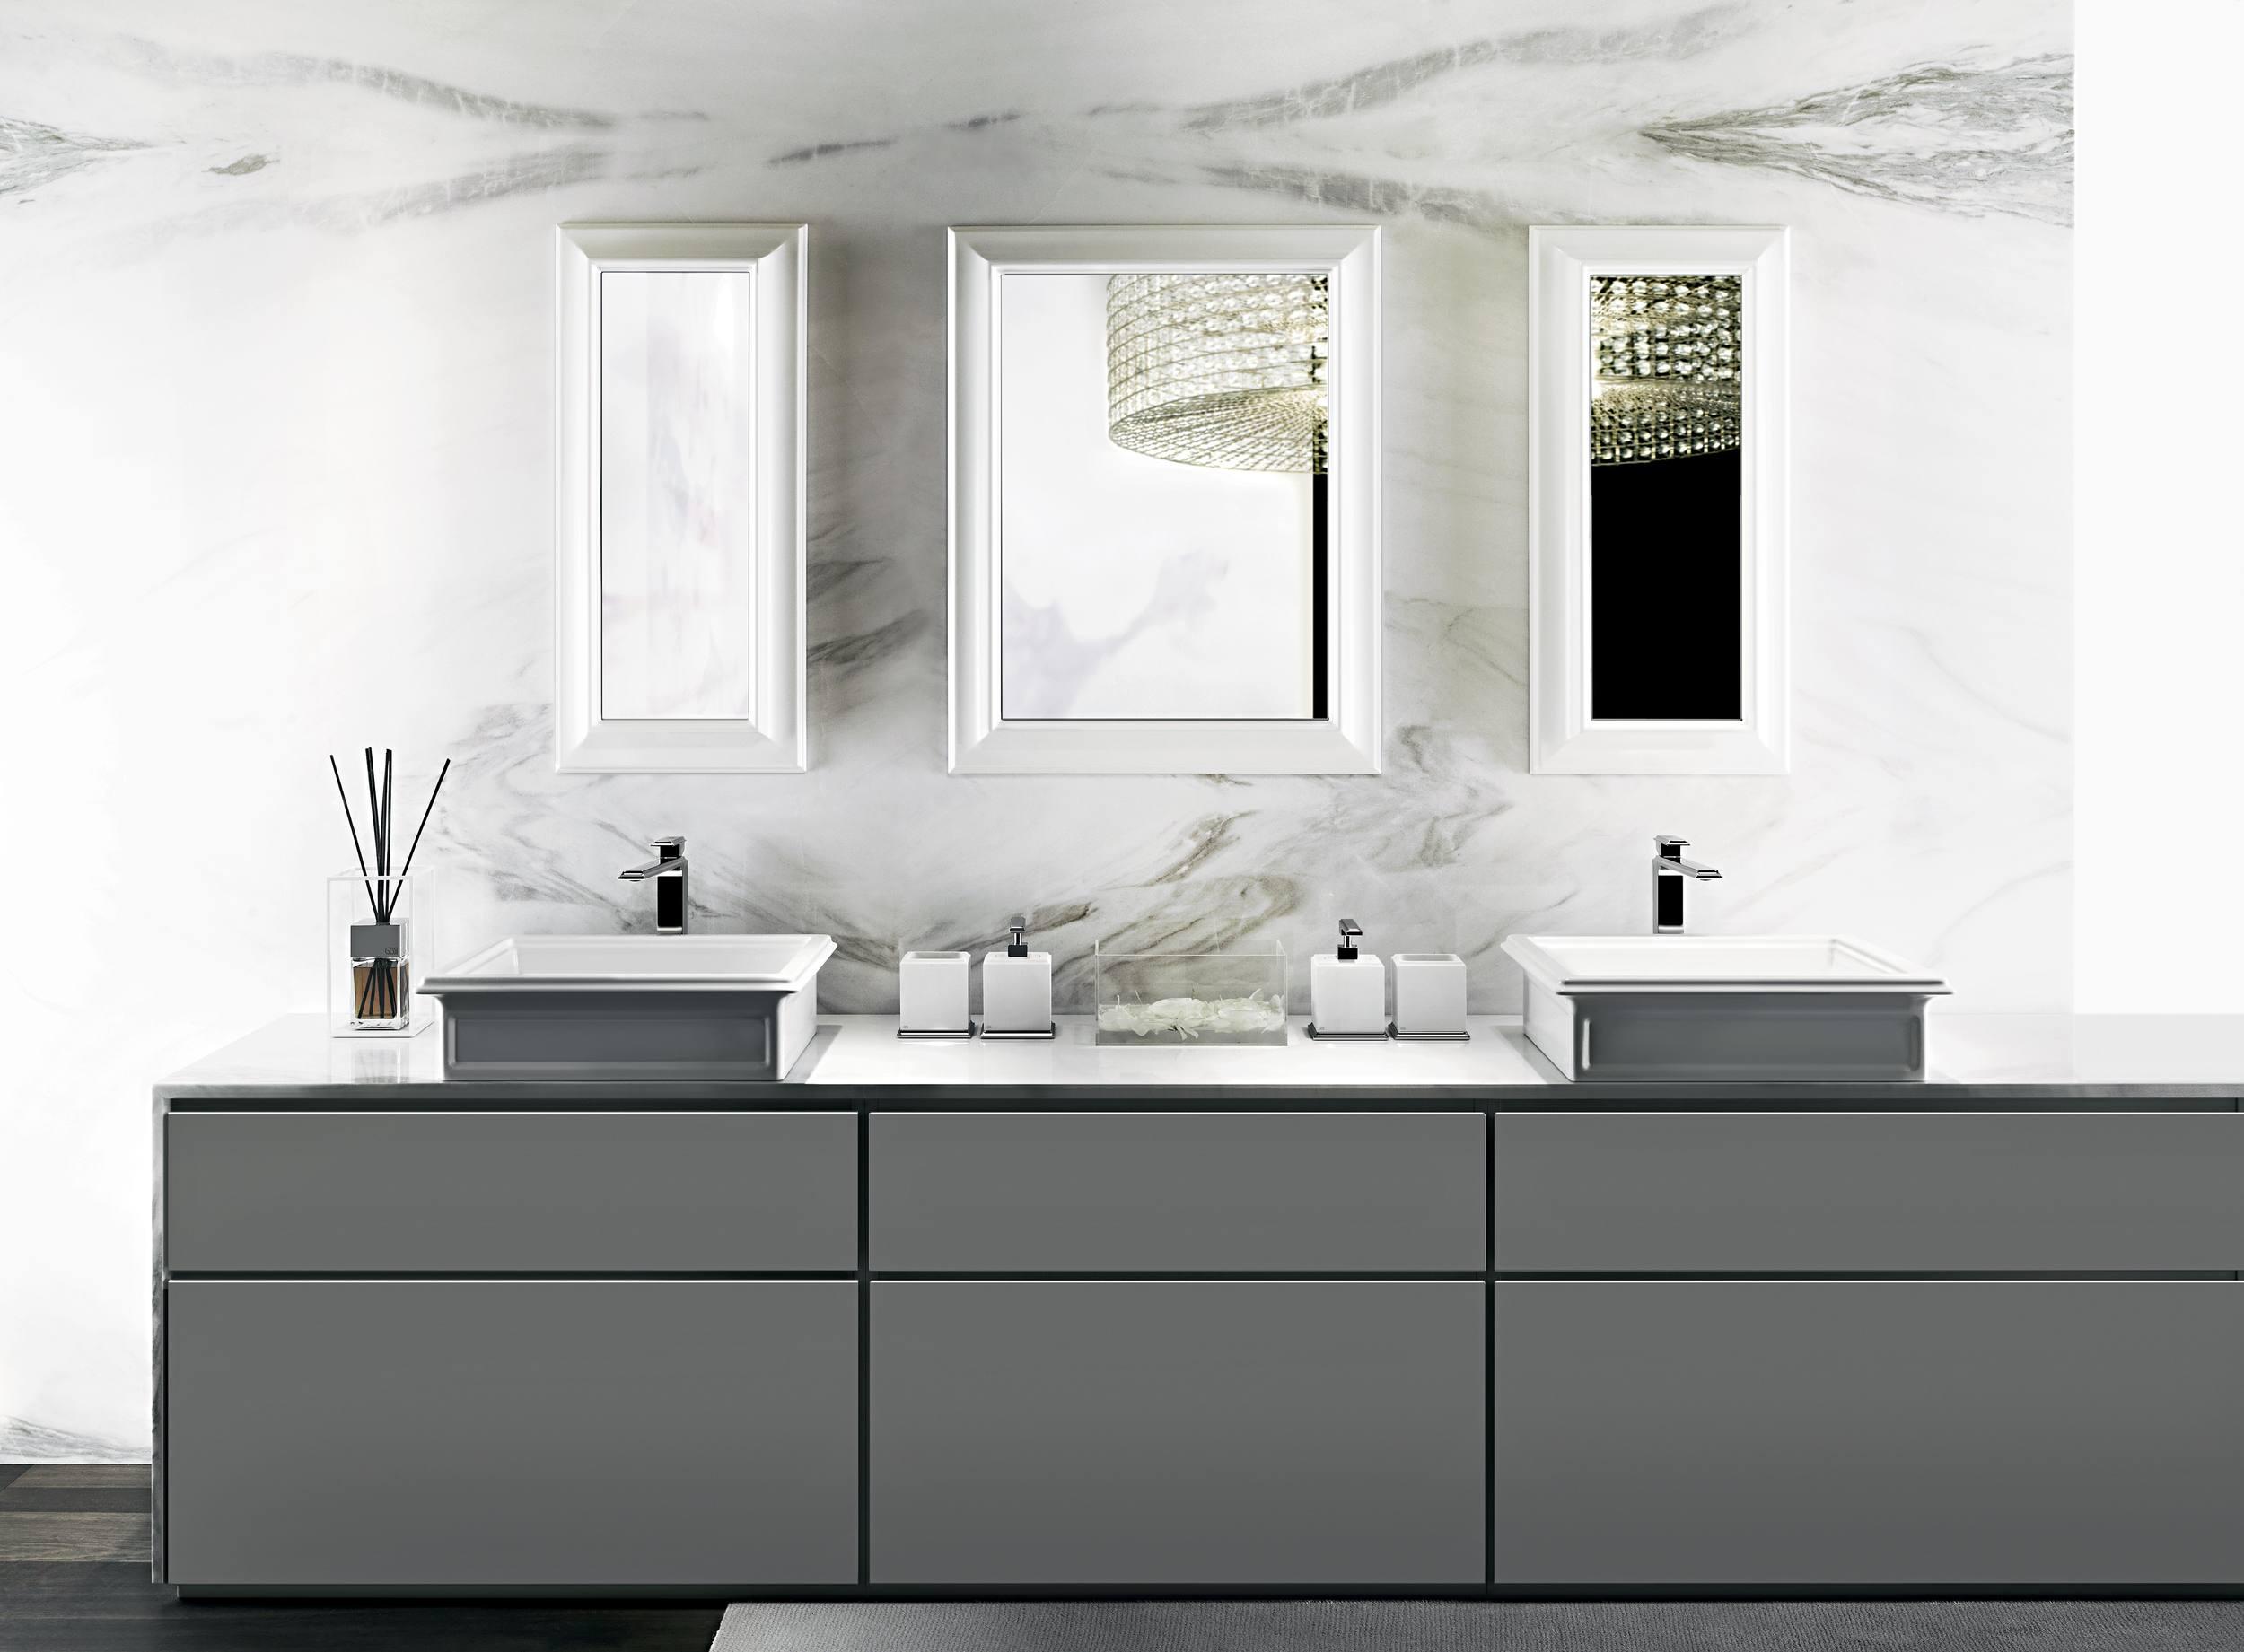 Fascino Gessi vessel lavs and vanity.jpg